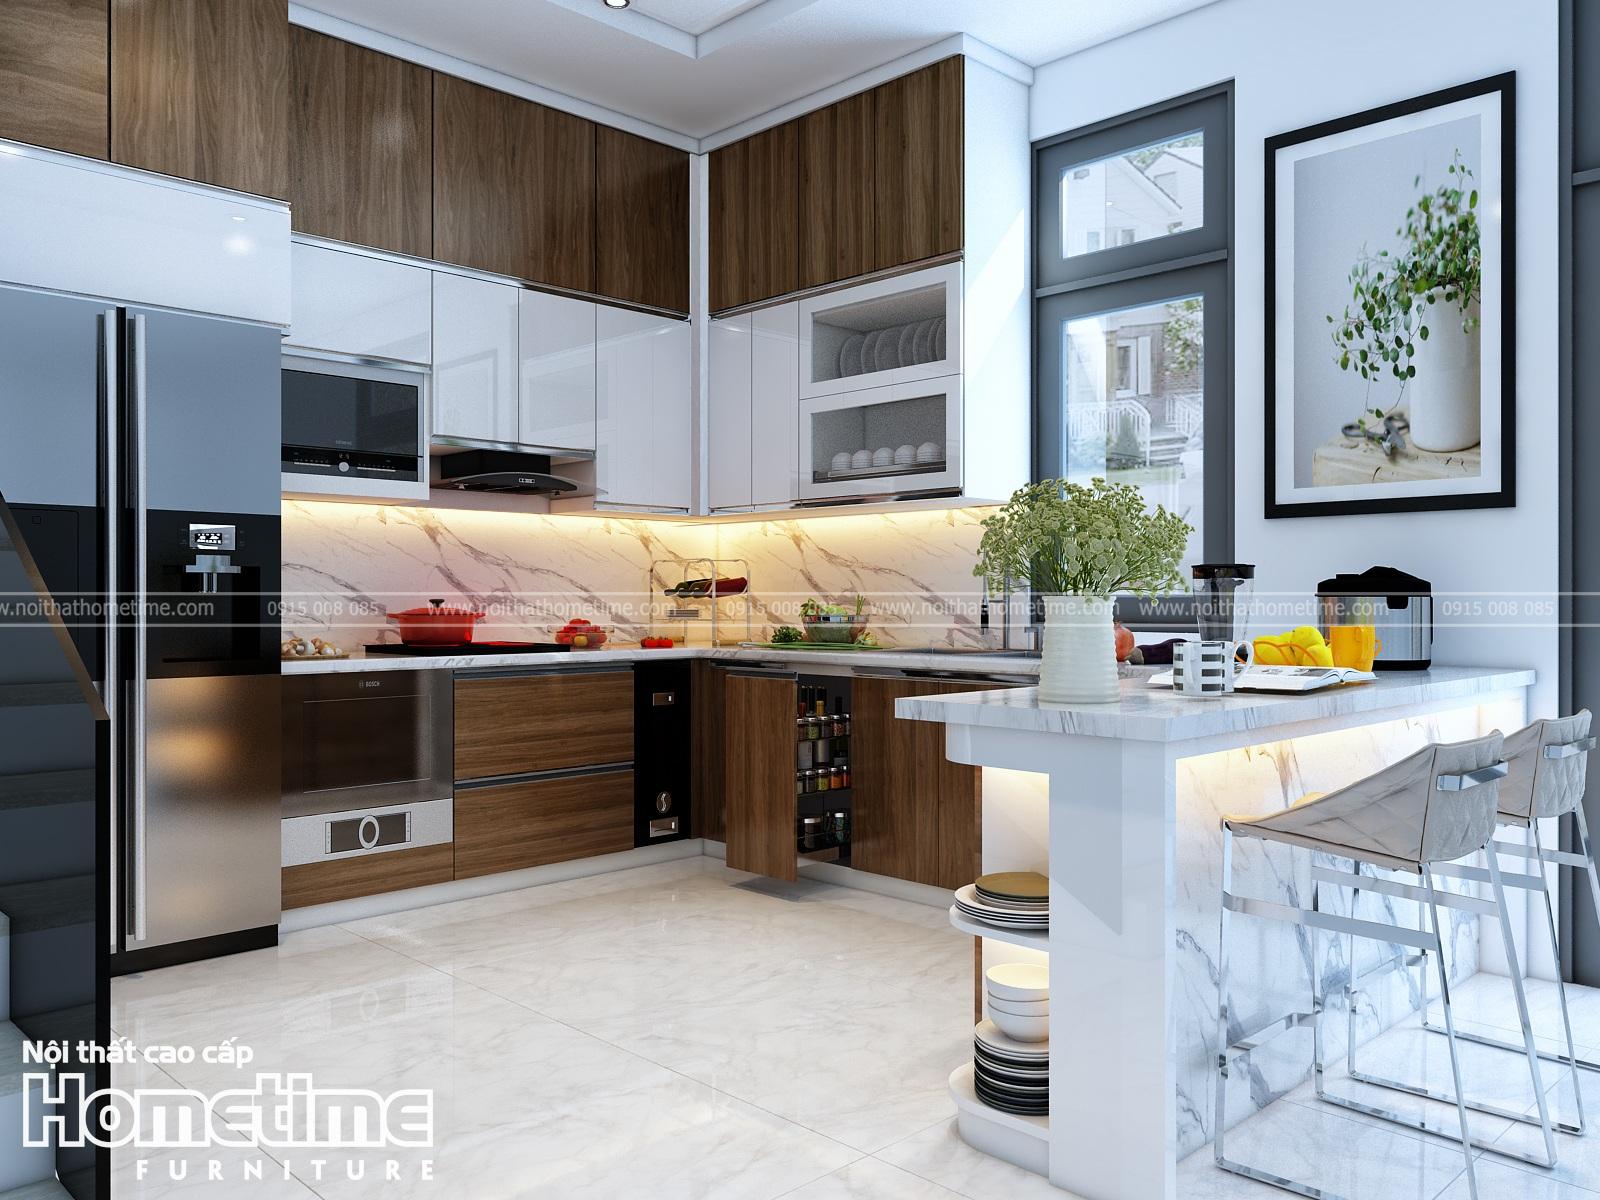 Tủ bếp nhựa cao cấp phủ acrylic kết hợp laminate sang trọng